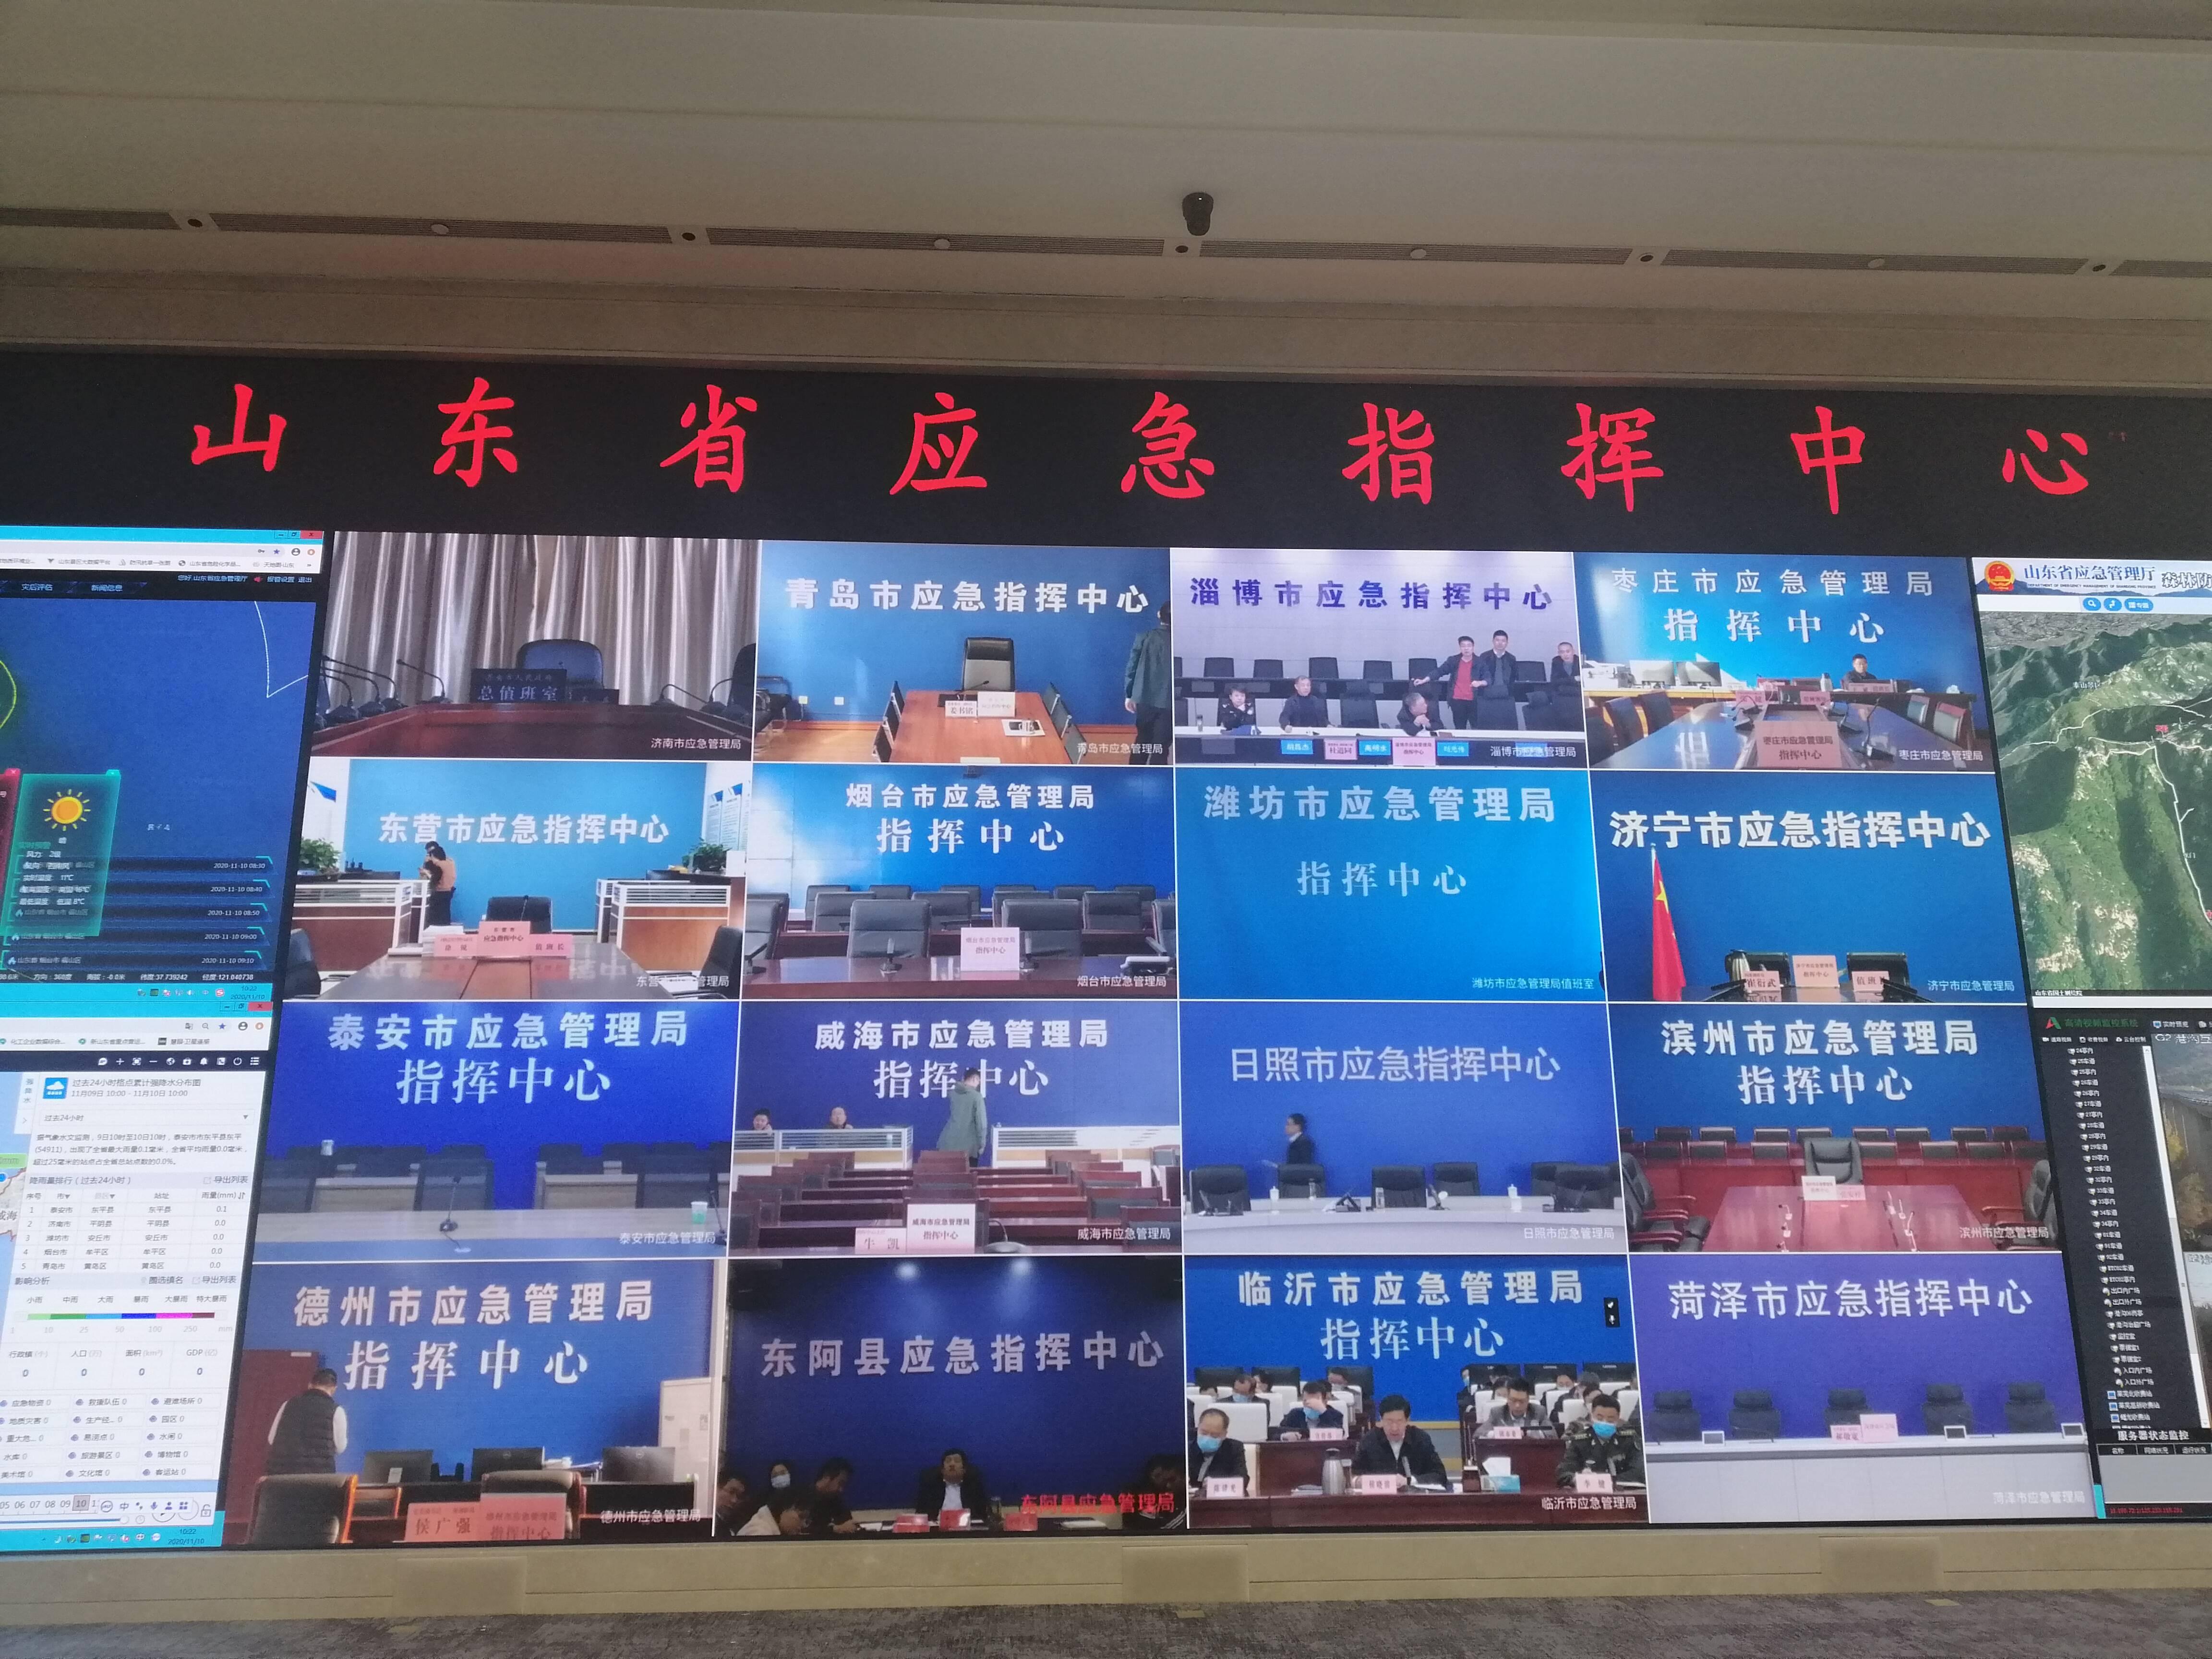 监测预警网络、专业信息系统……瞧瞧山东省应急厅的这些信息化建设成就